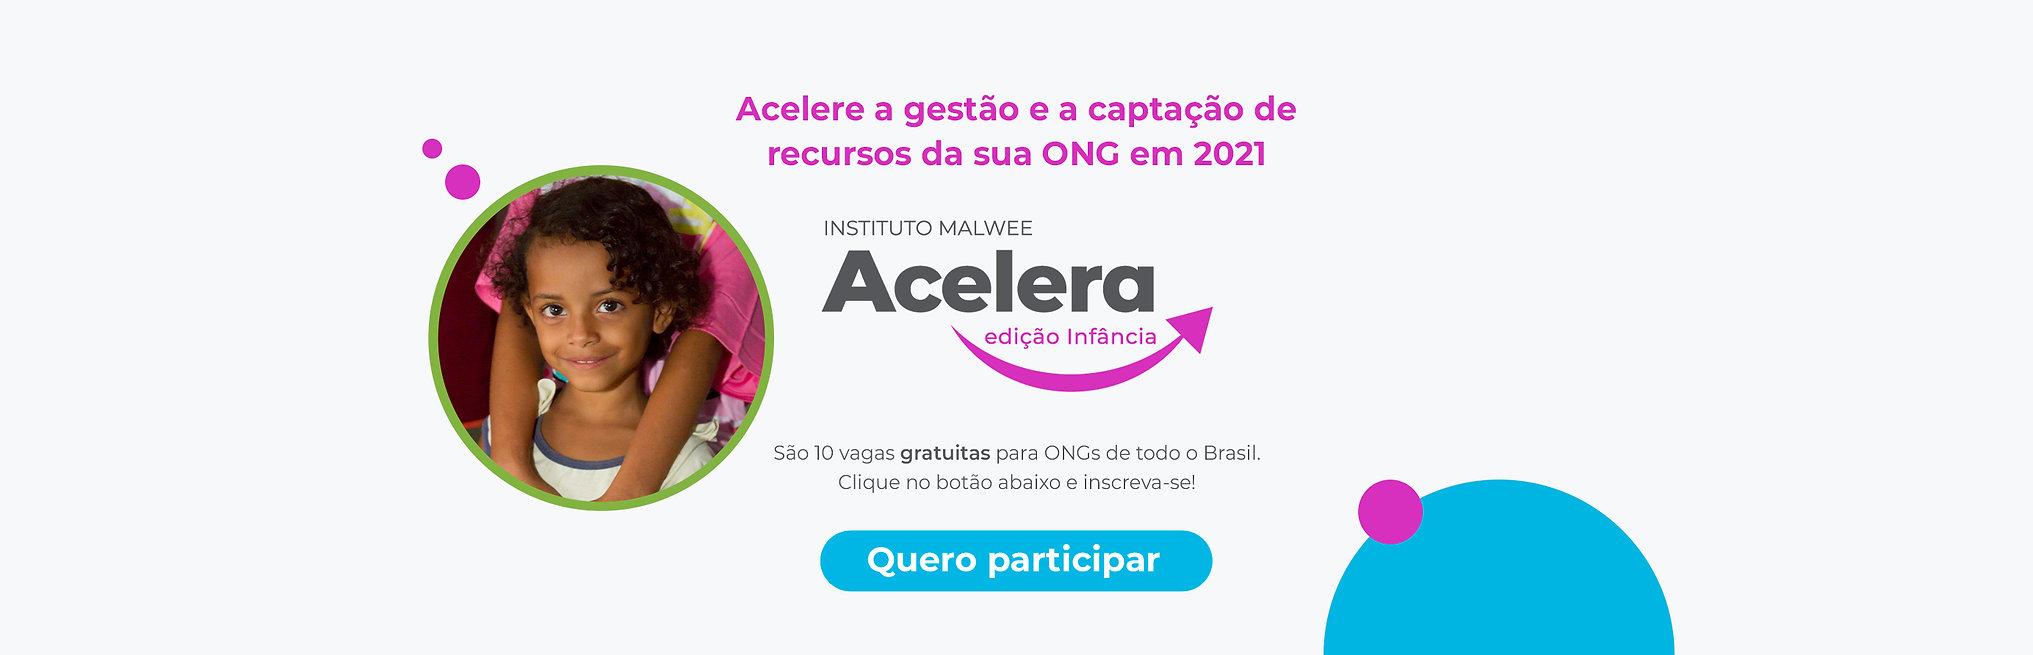 Banner_Acelera (2).jpg